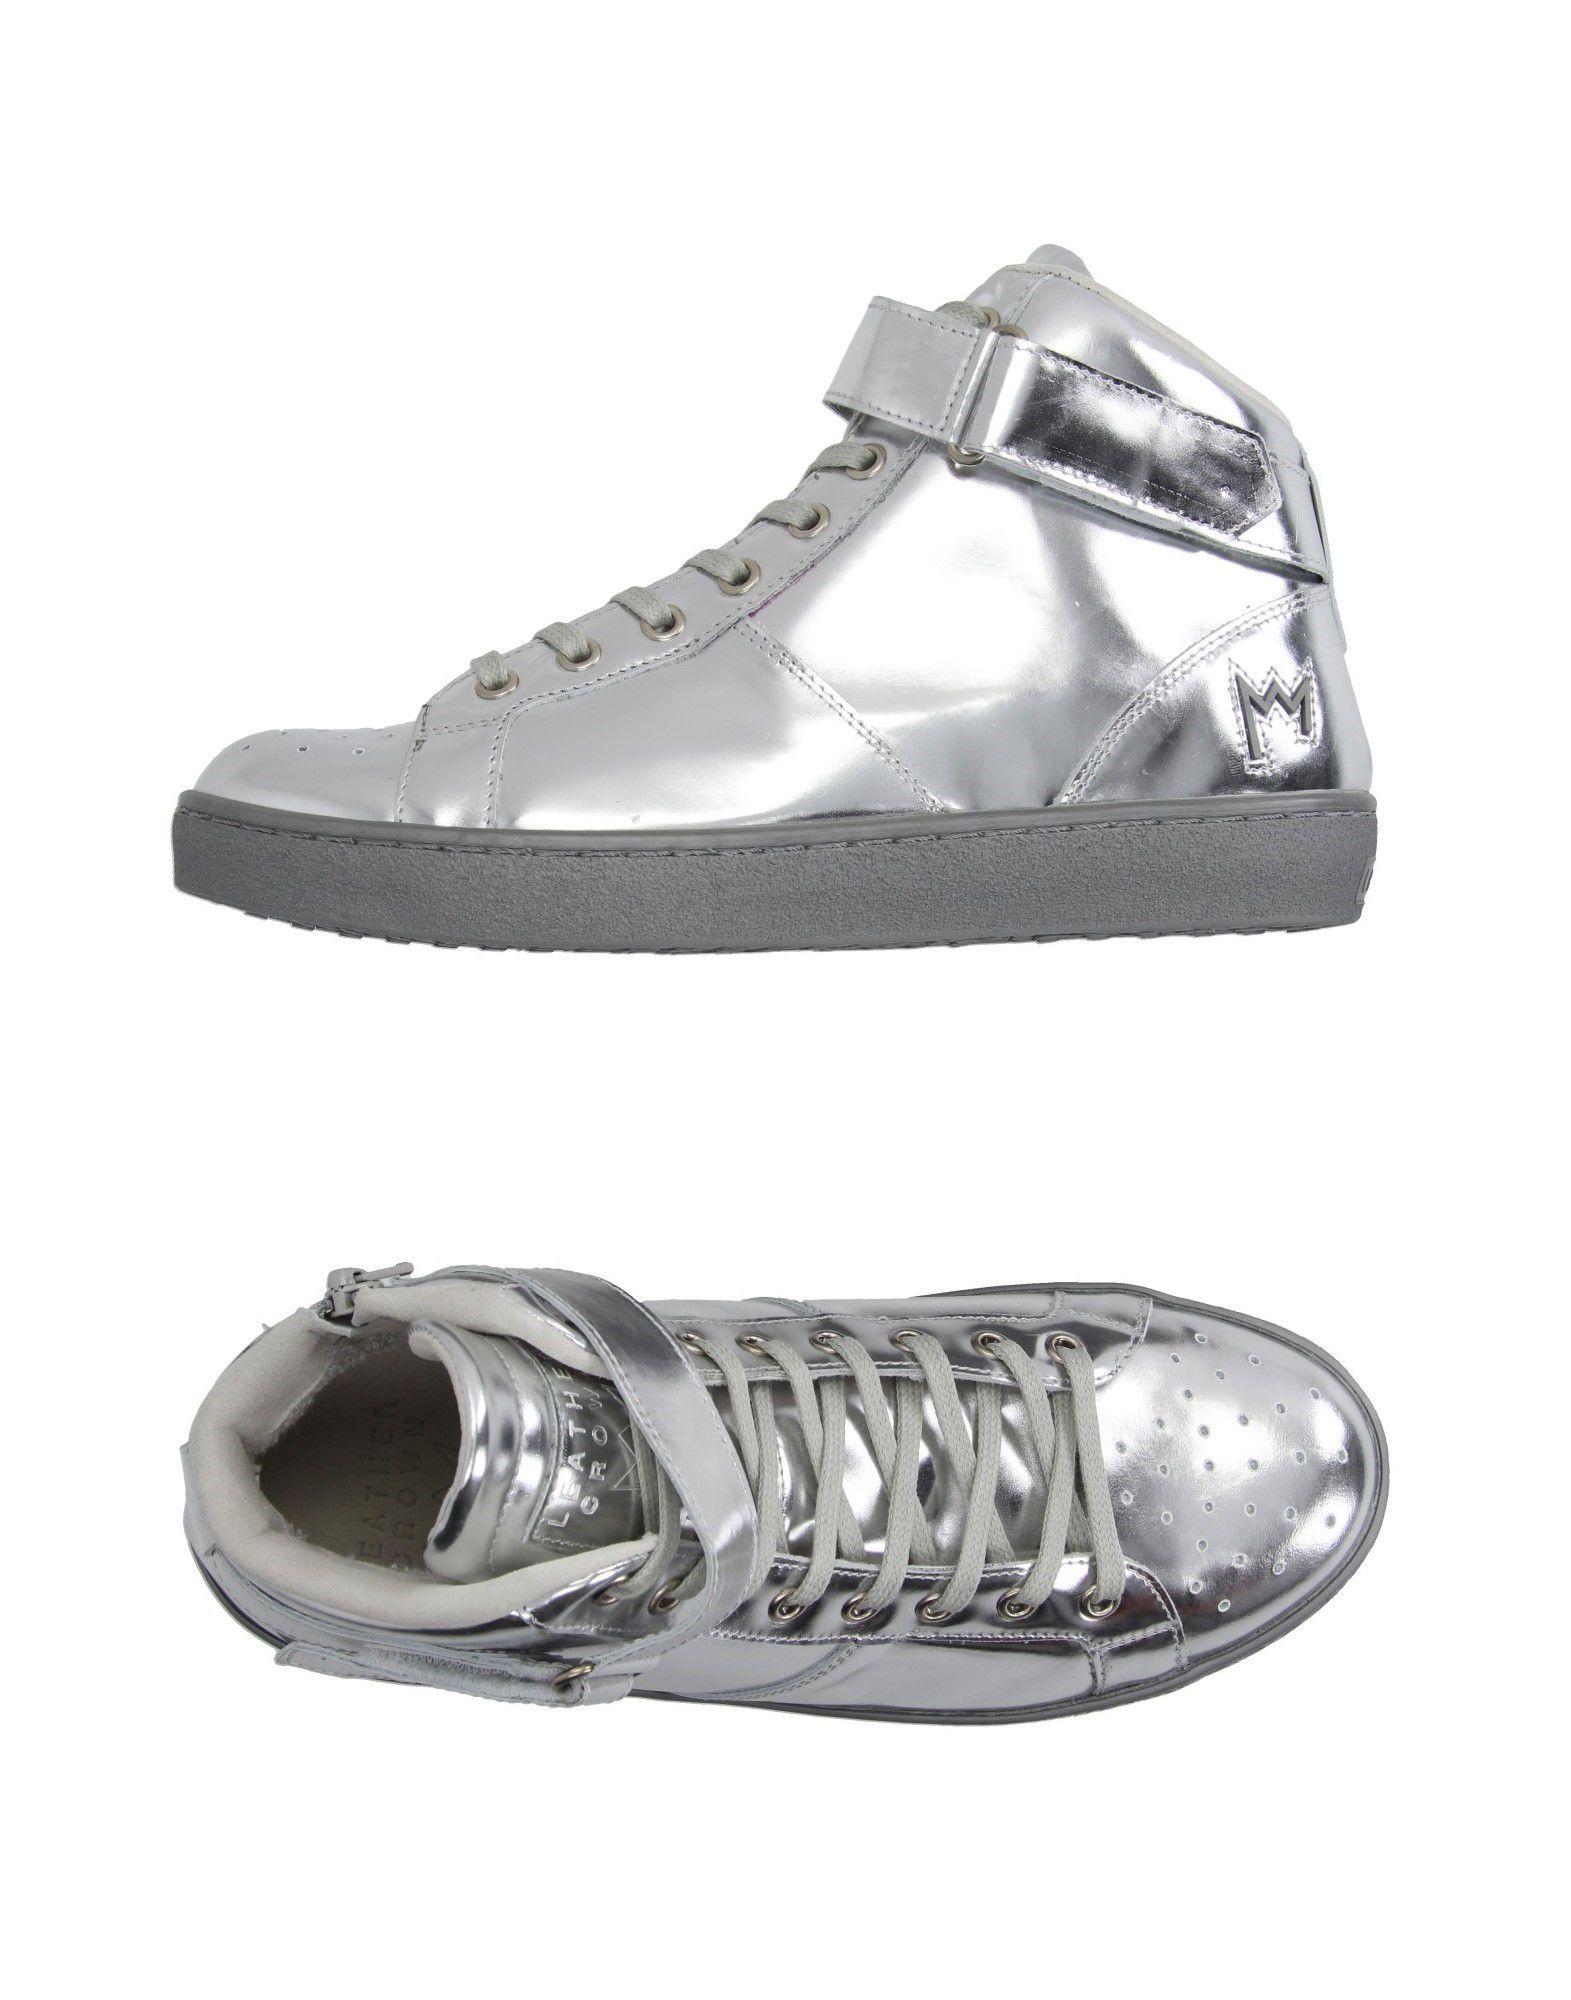 Stilvolle billige Sneakers Schuhe Leder Crown Sneakers billige Damen  11014009UT de770a